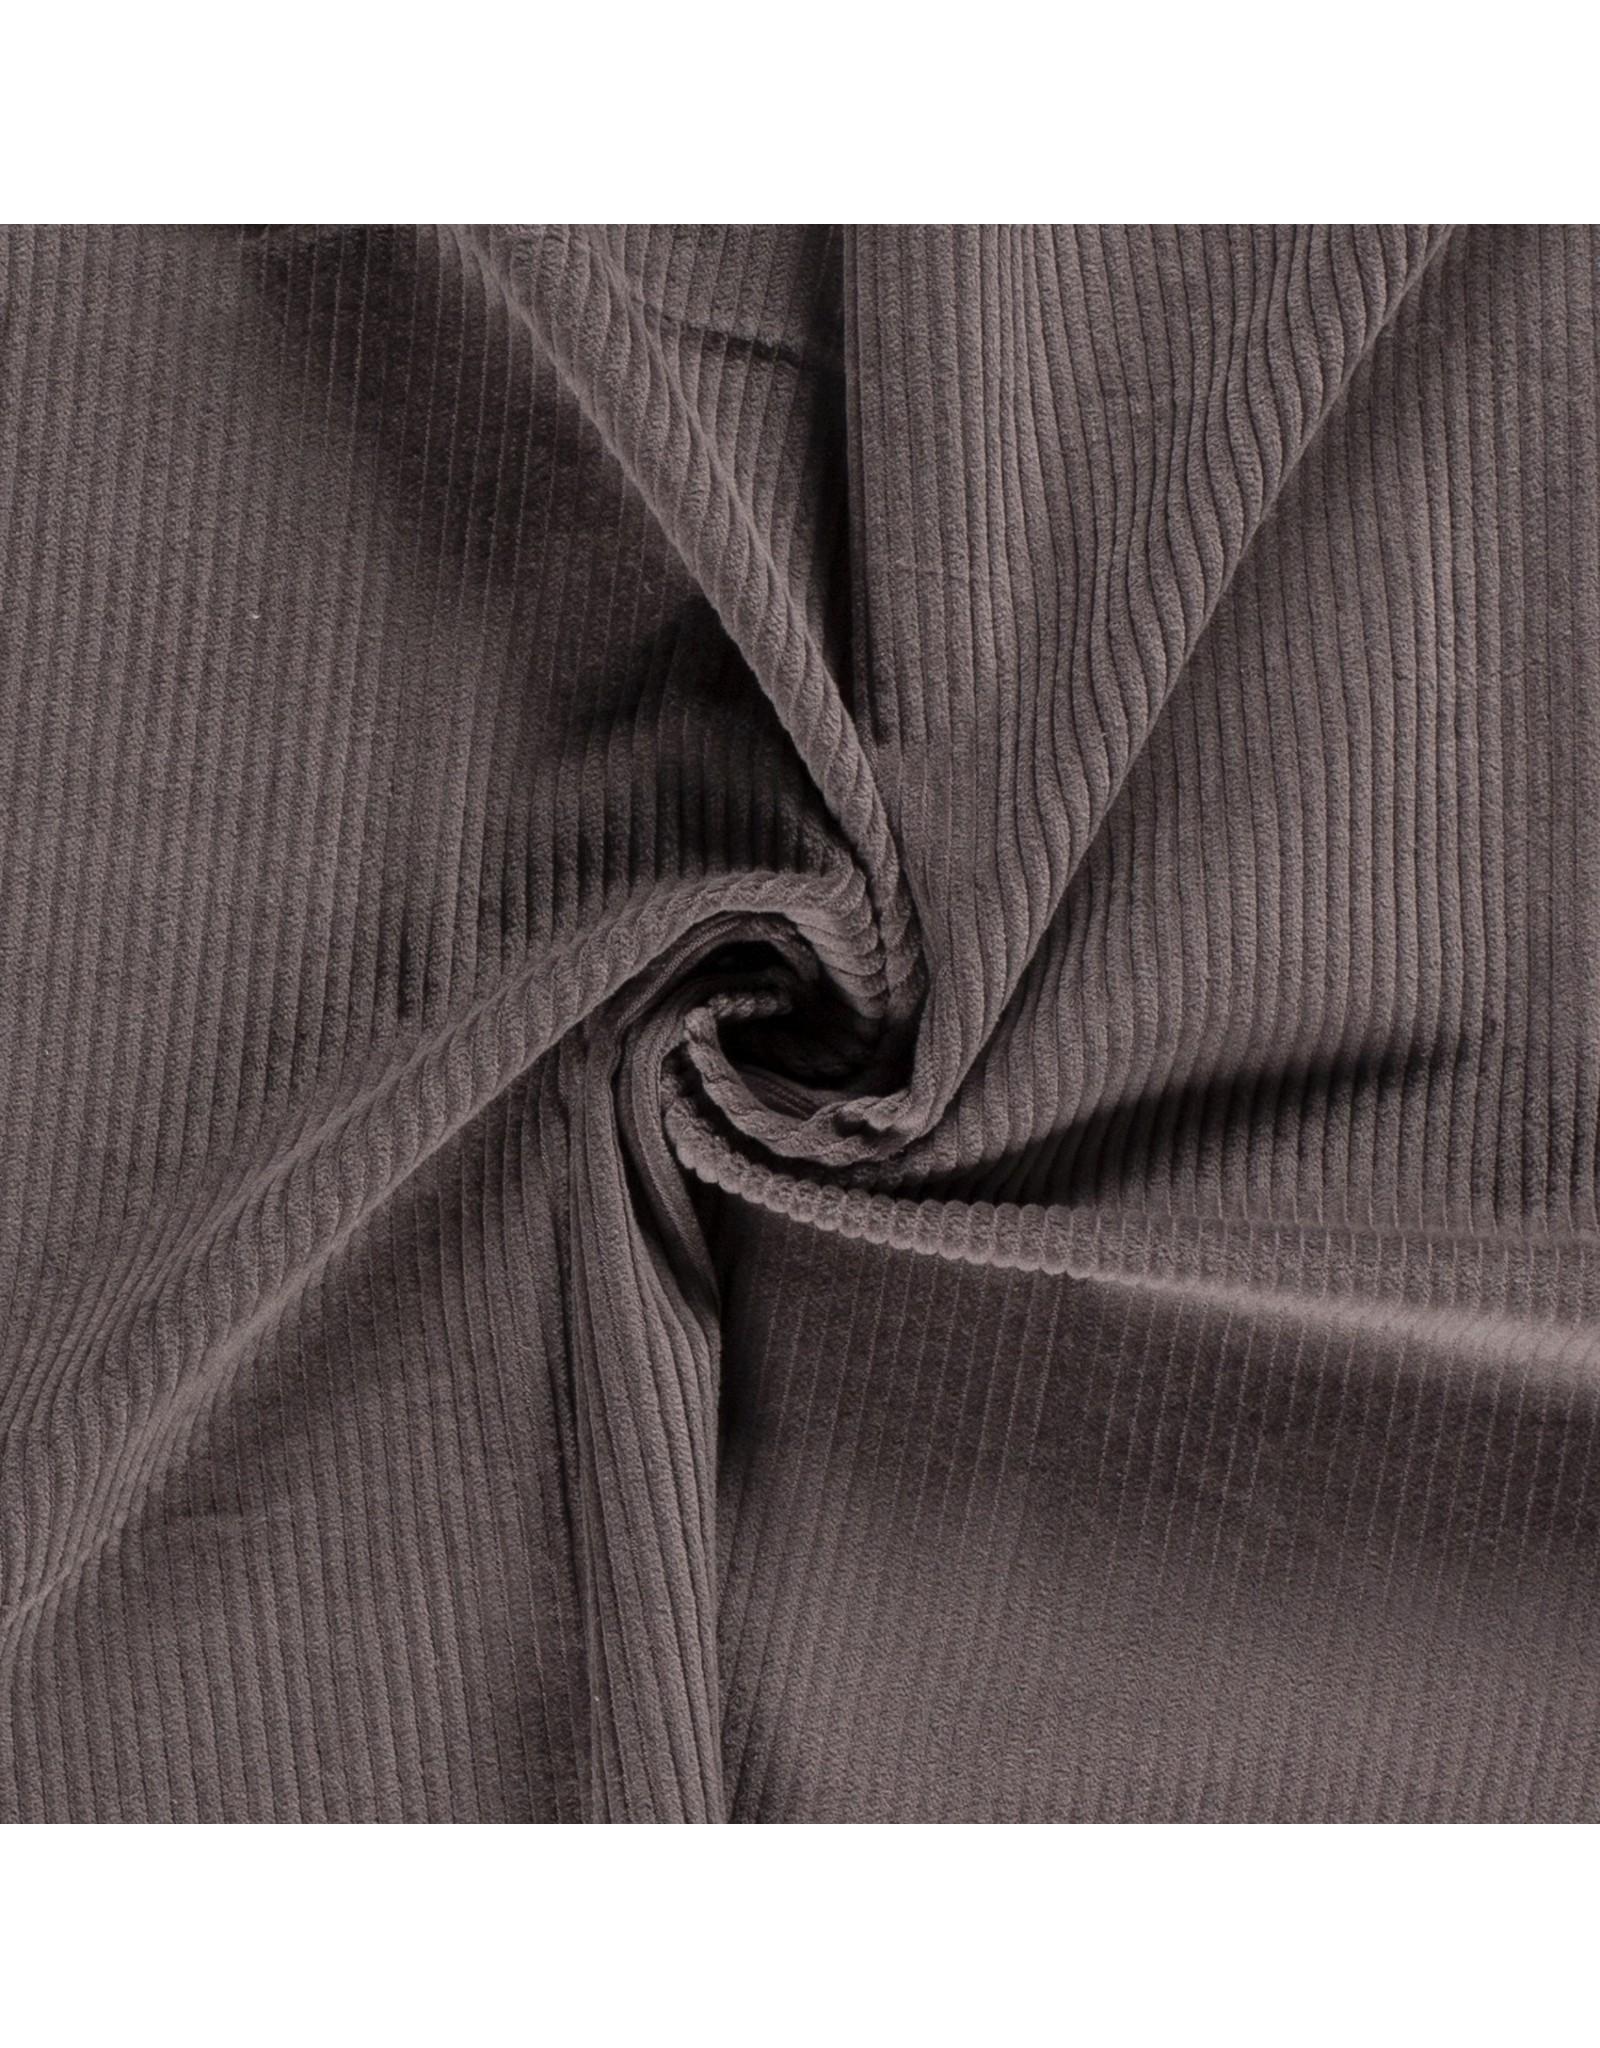 Cotton Corduroy - DK Grey